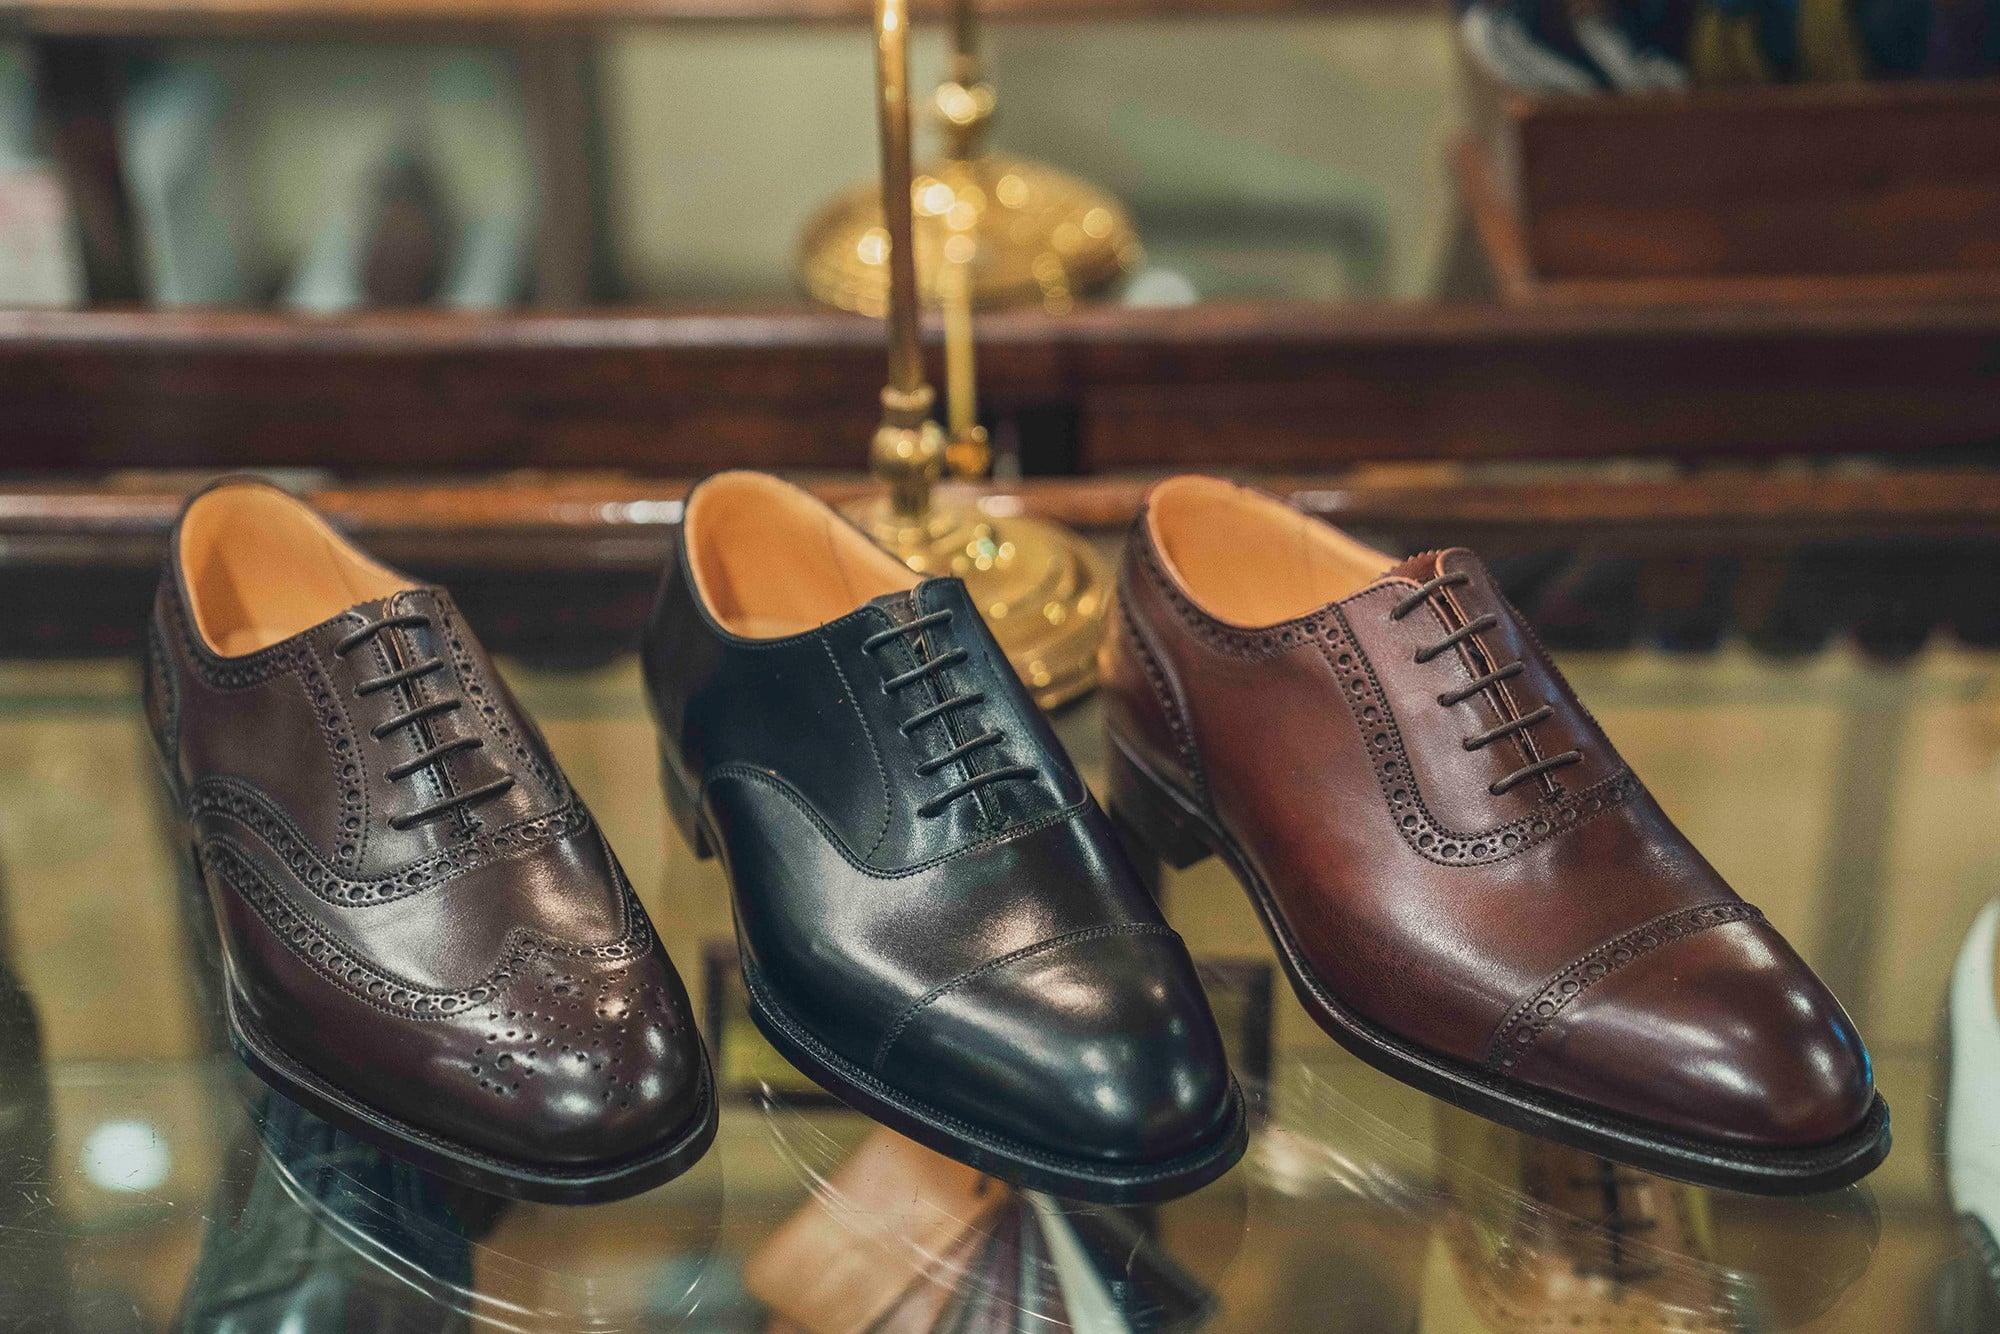 通常のロイドフットウェアの靴は3万1000円~。写真のマスターロイドは7万円~で、オーダーメイドの場合は追加料金4万円が必要となる。オーダーメイドではワイズ(幅)と、用意された中から素材(革)の選択が可能。11万円で自分好みの英国製の一足が手に入るのだから、青柳さんが太鼓判を押すのも納得だ。※価格はすべて税別